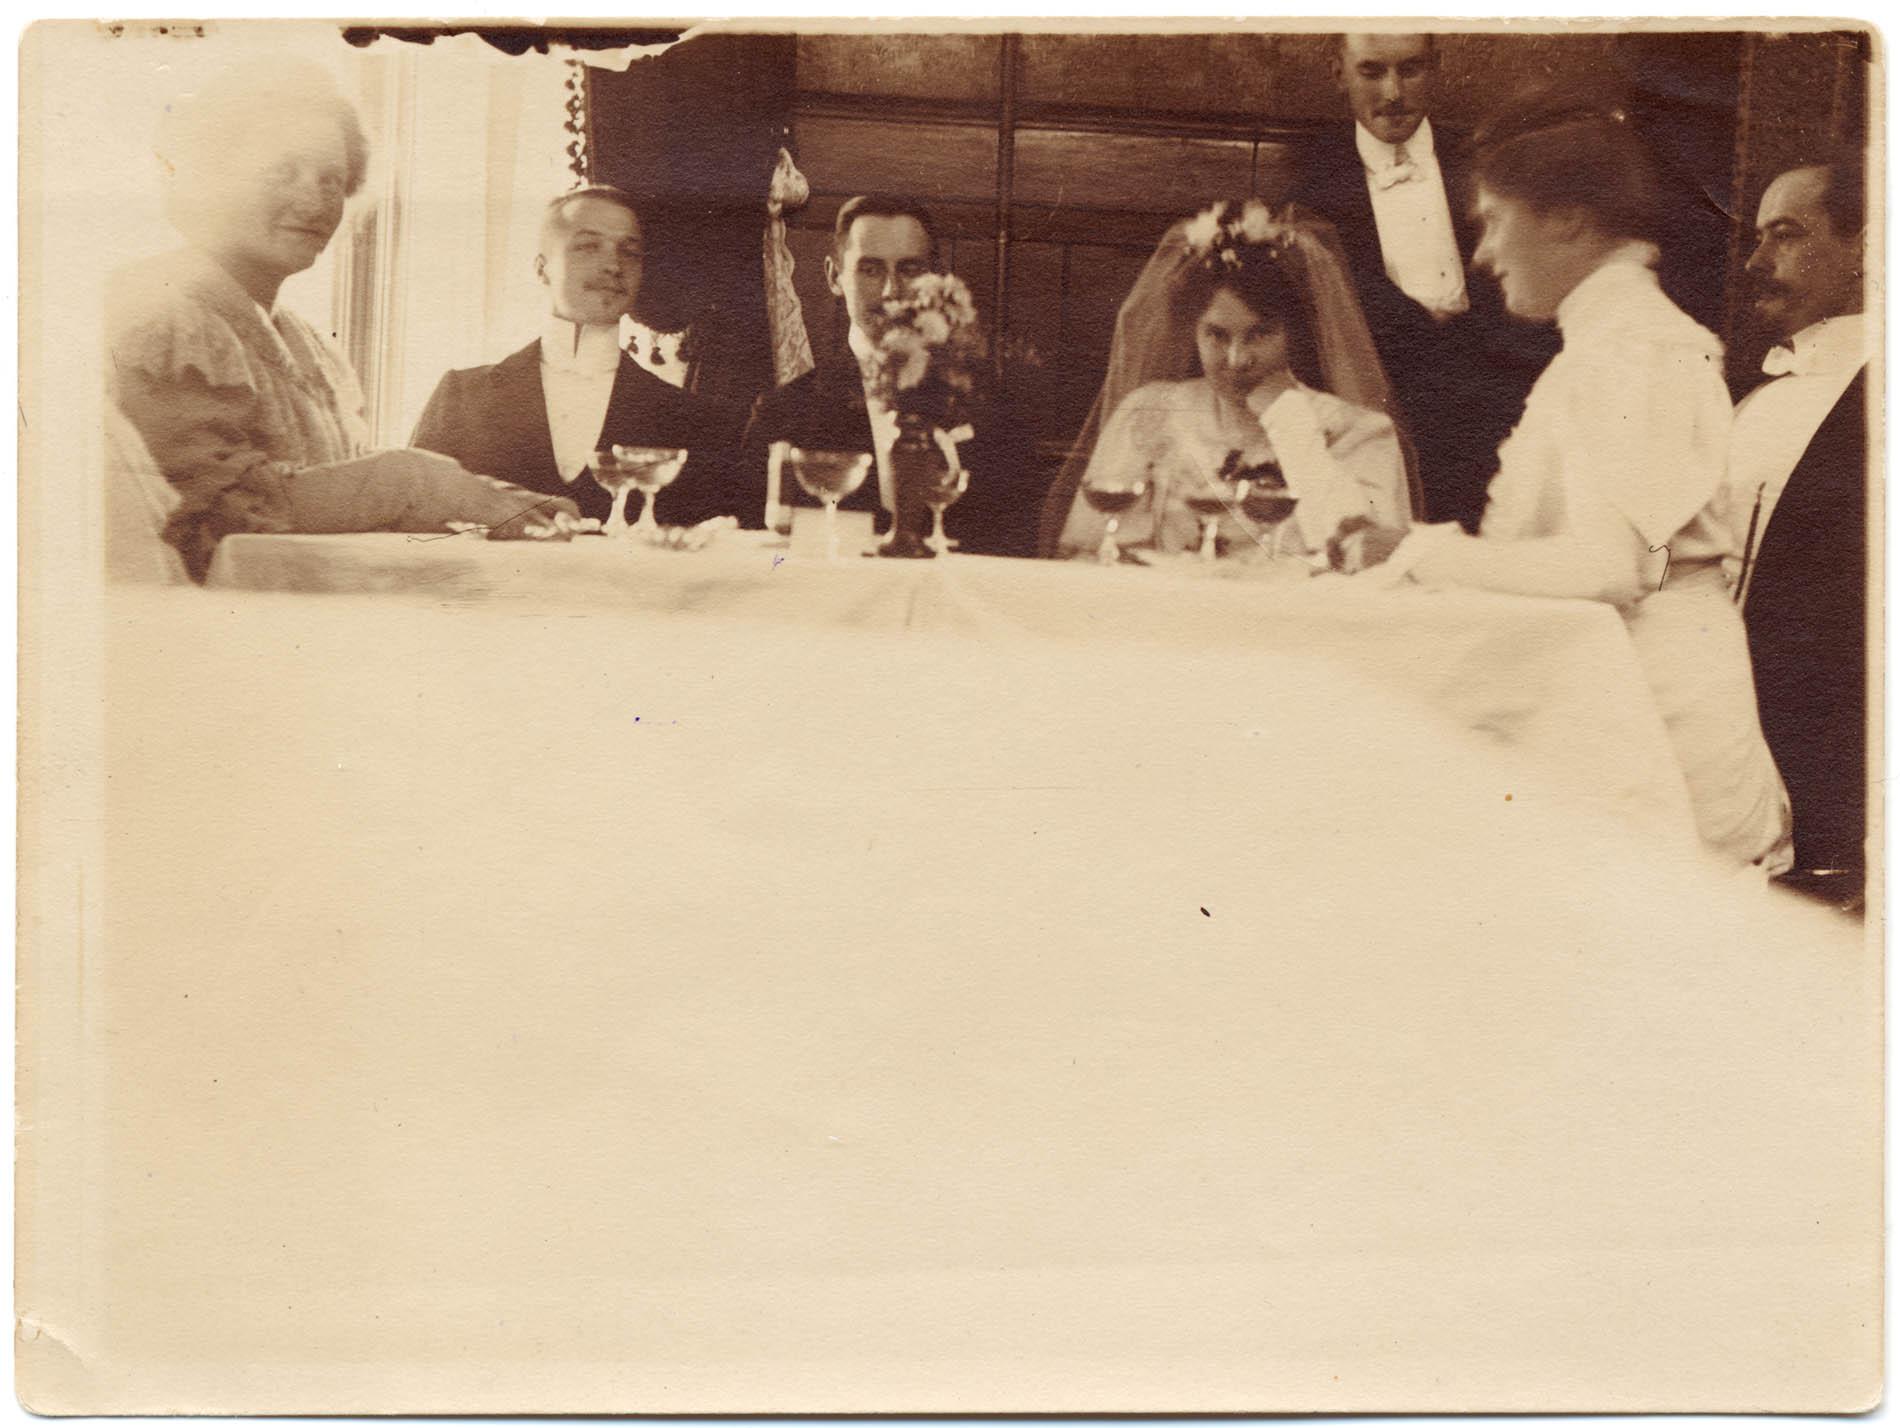 L. Onerva ja Väinö Streng hääpöydän ääressä Alppilassa vuonna 1905. L.Onervan arkisto.